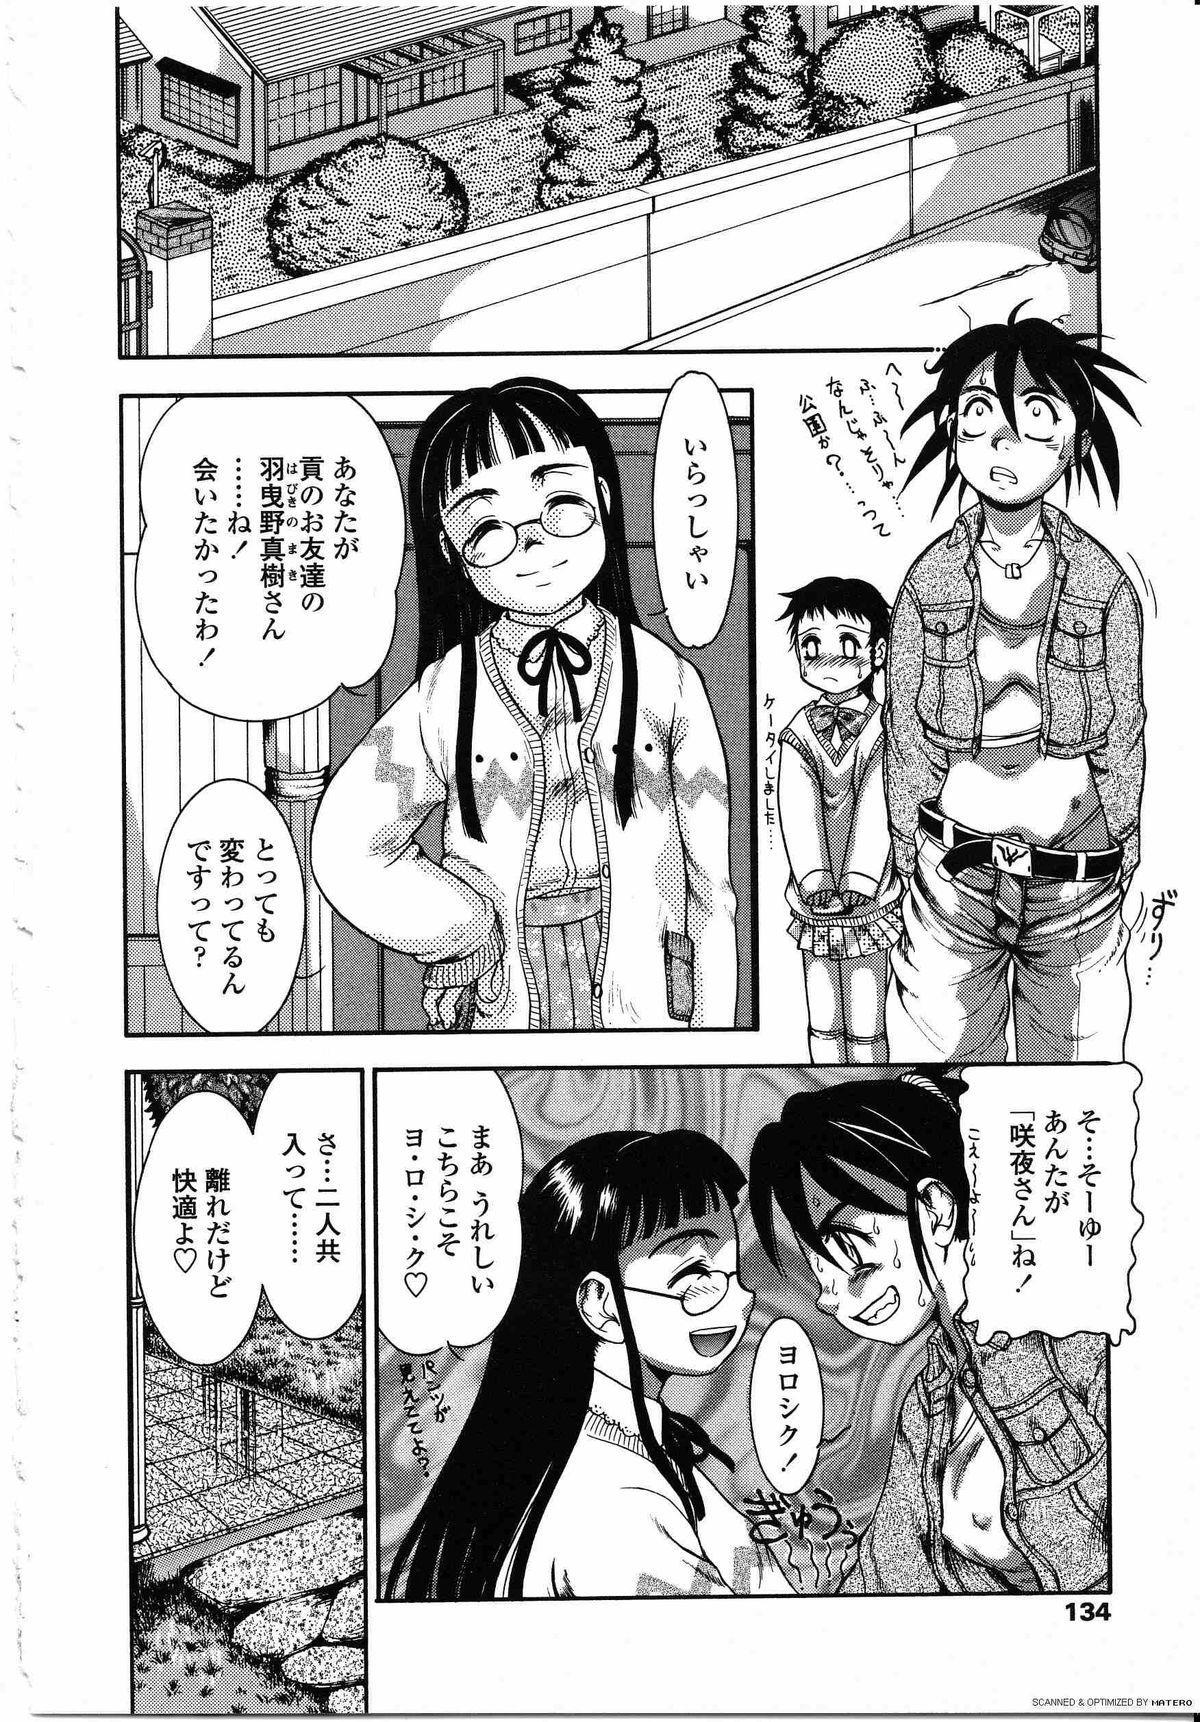 Futanarikko LOVE 8 130